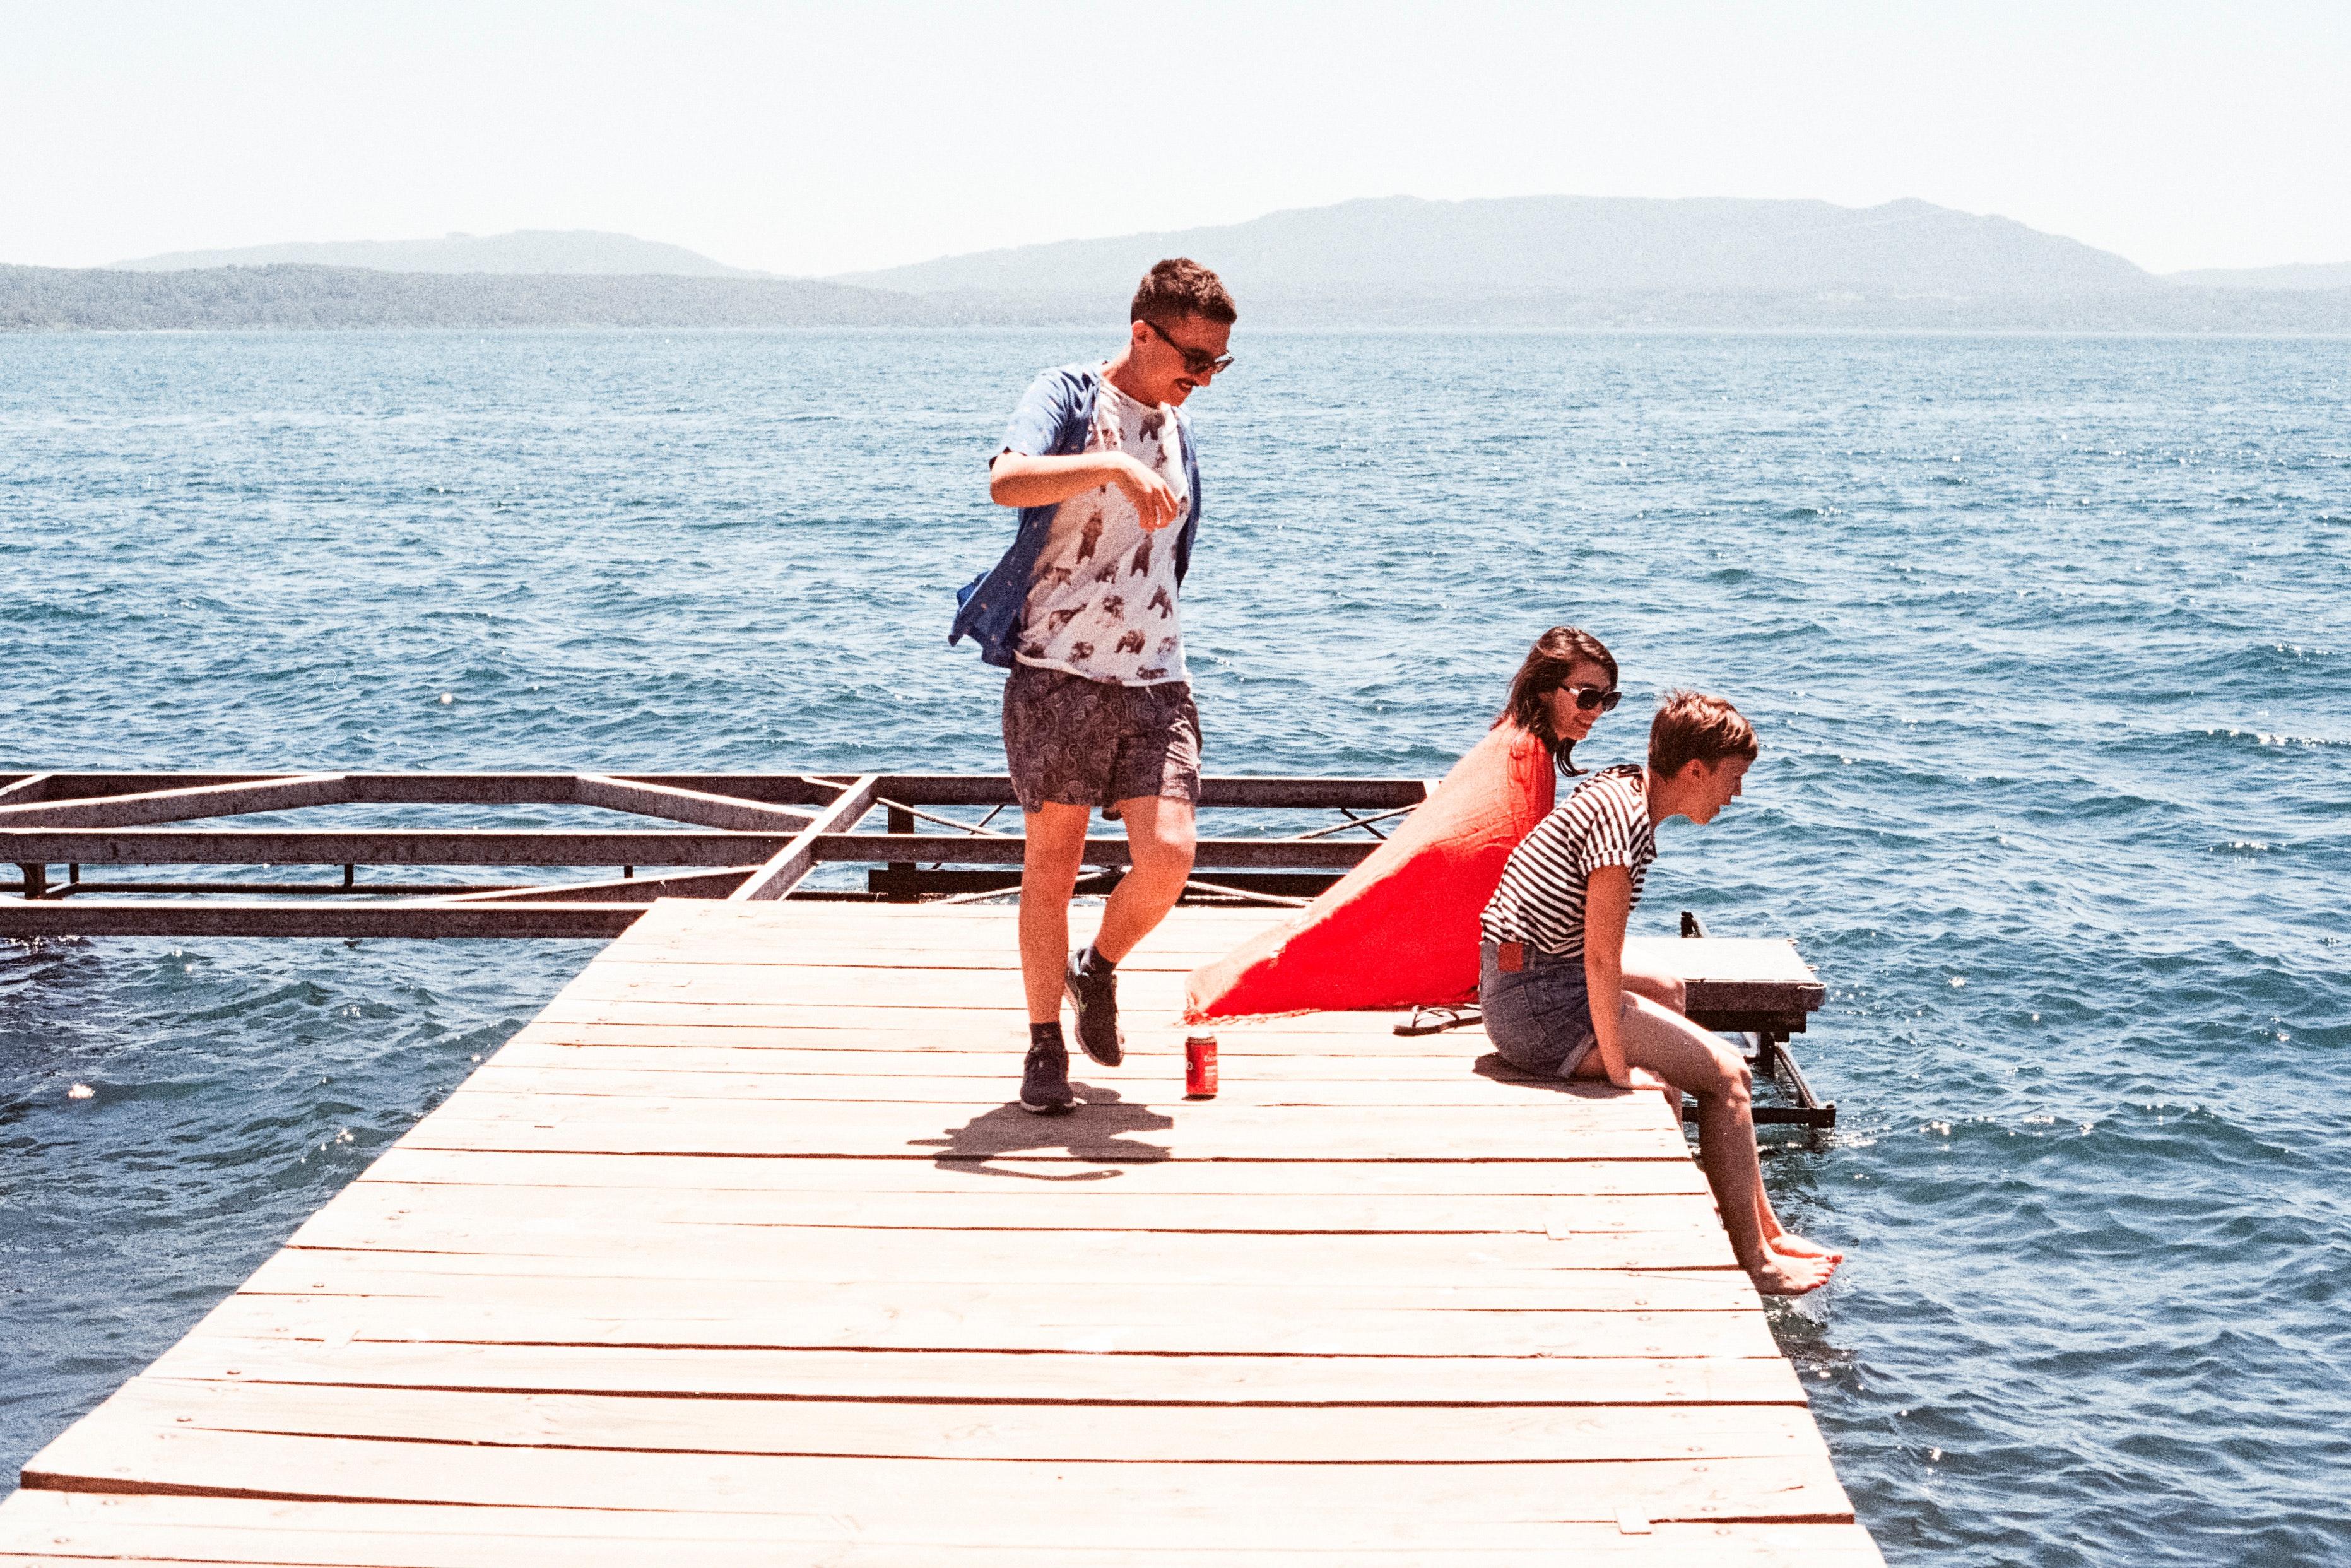 Wooden boarded pier dock photo